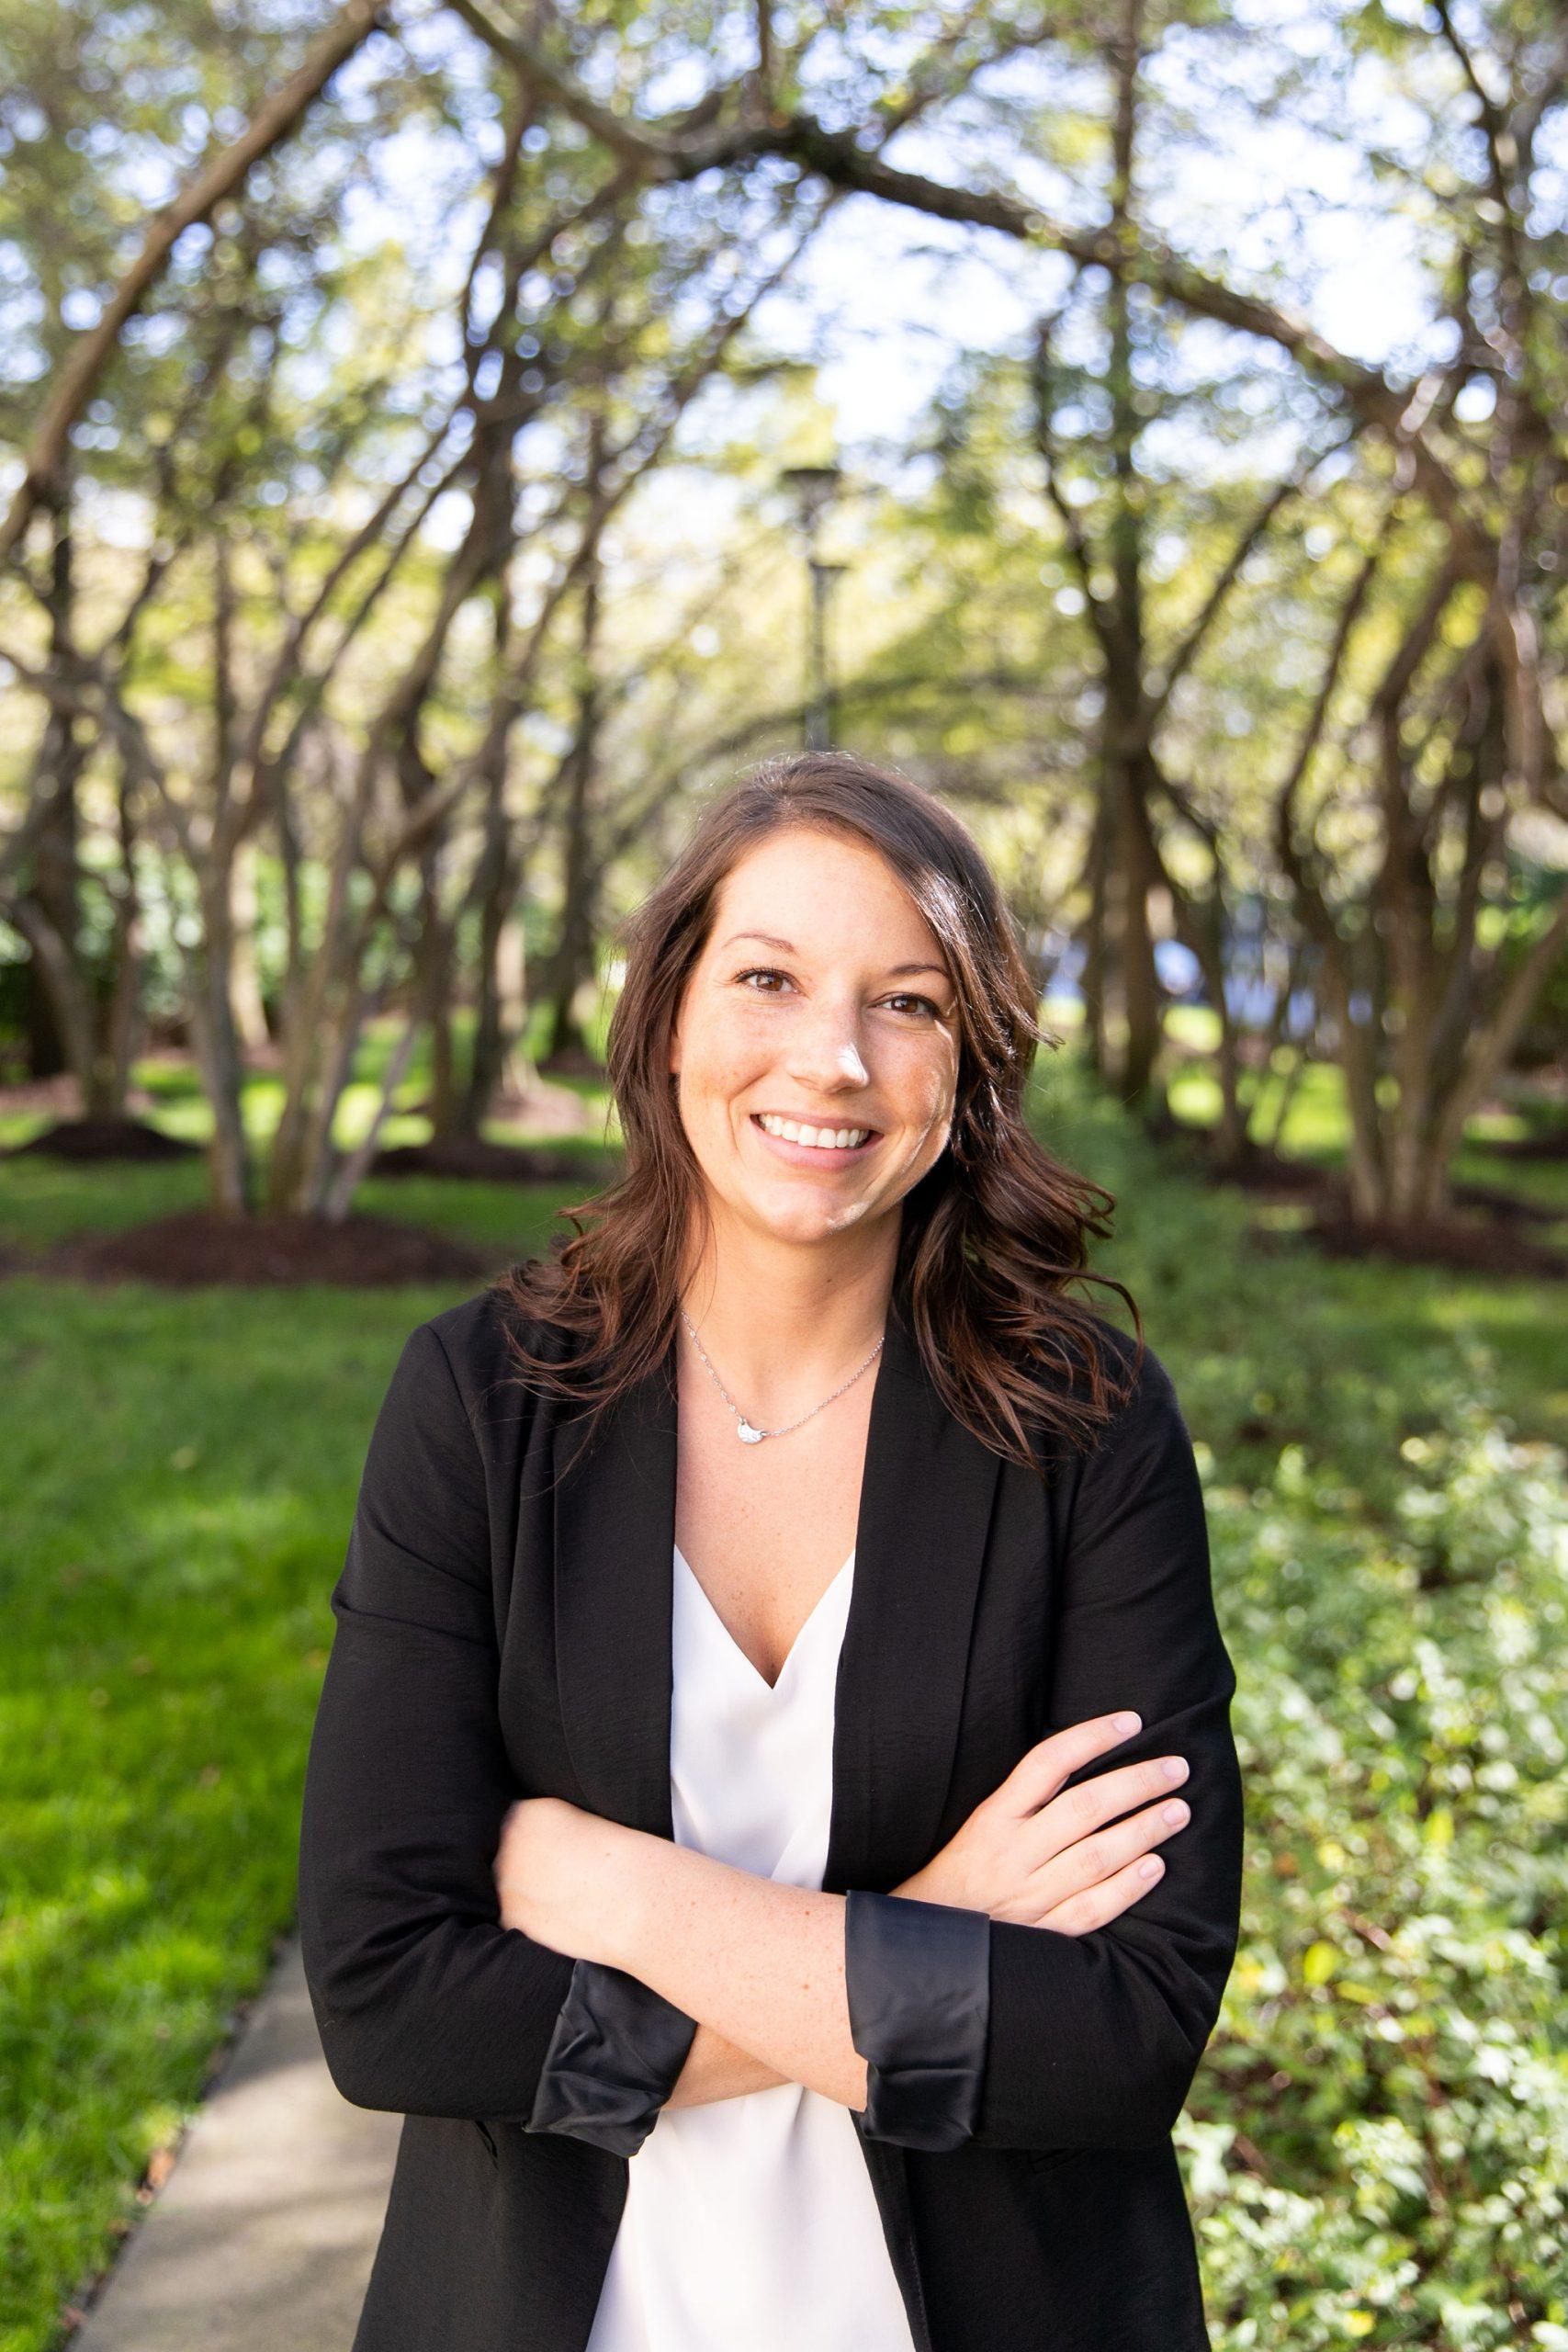 Rebekah Mechtensimer